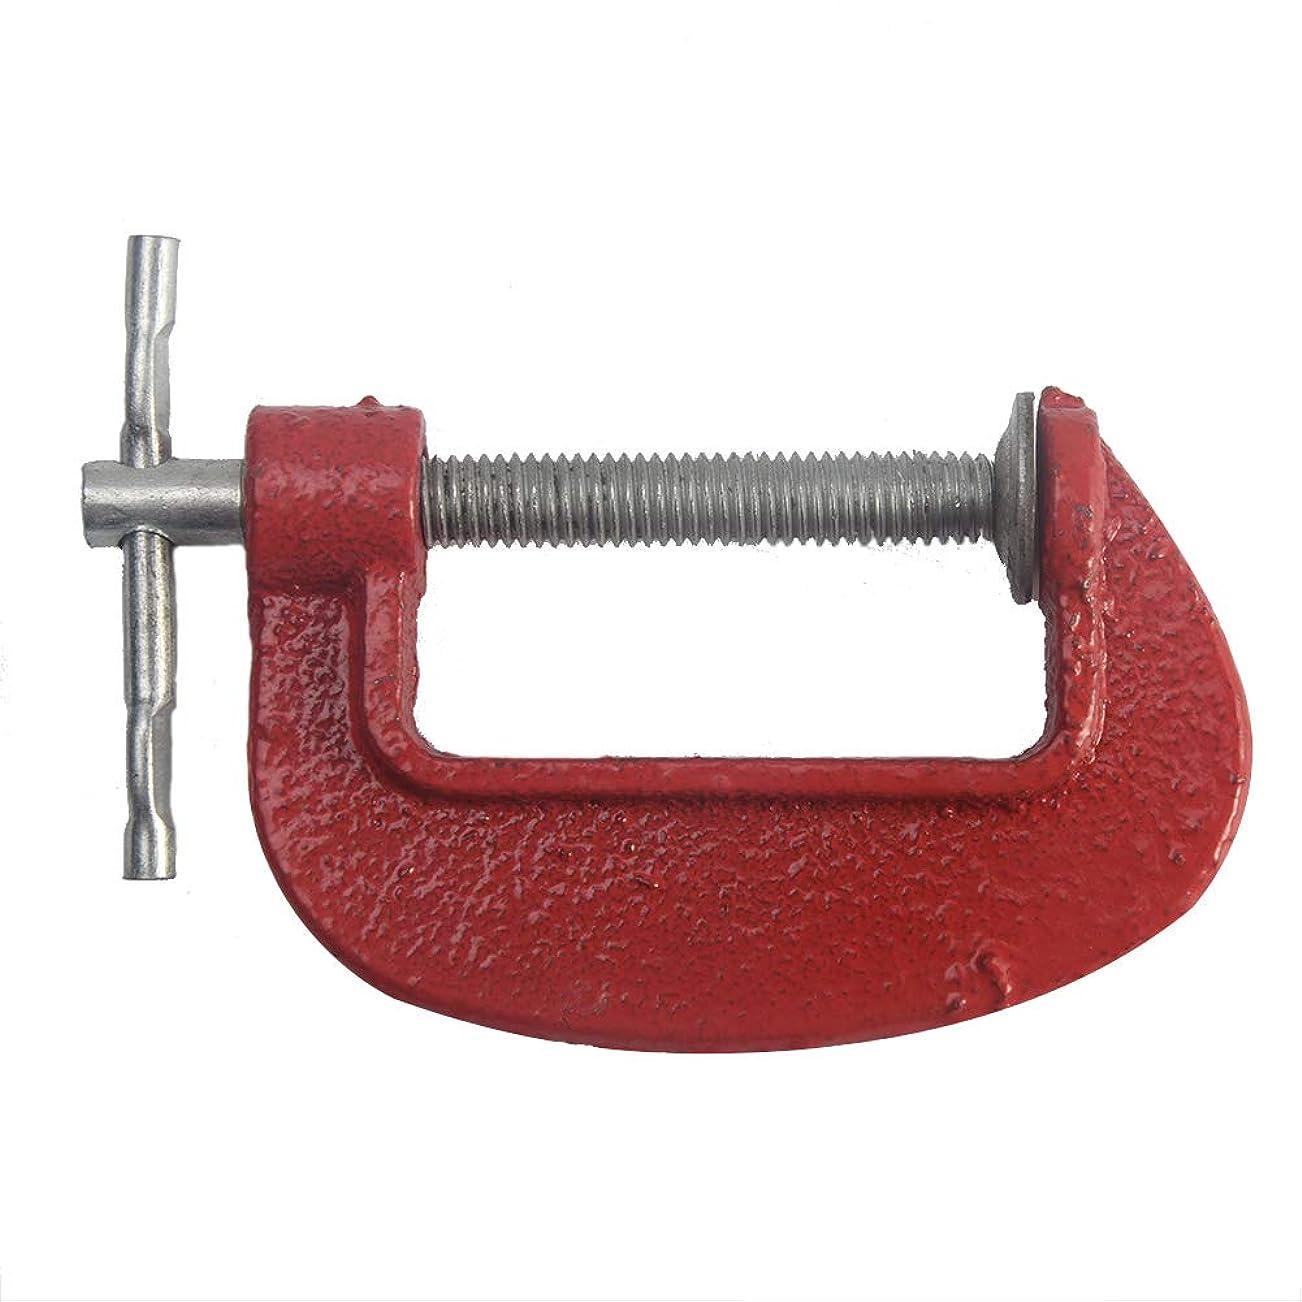 どうやってキャリッジ区別3サイズスチールGクランプヘビーデューティメタルカーペンター便利屋バイスグリップ(2赤)